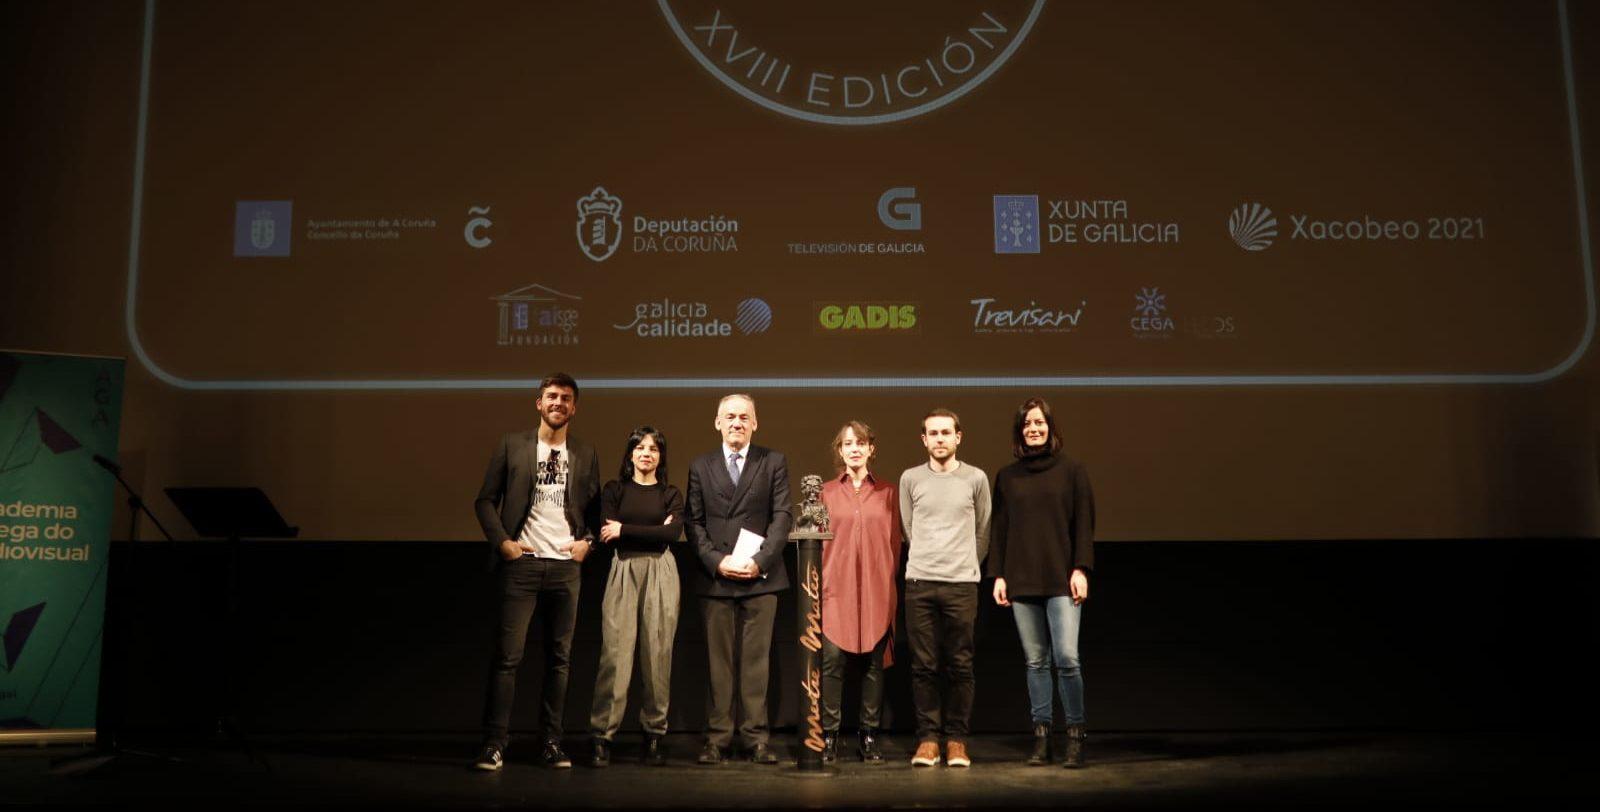 Proclamación finalistas premios mestre mateo. Foto Academia Galega do Audiovisual. Eventos en Galicia.